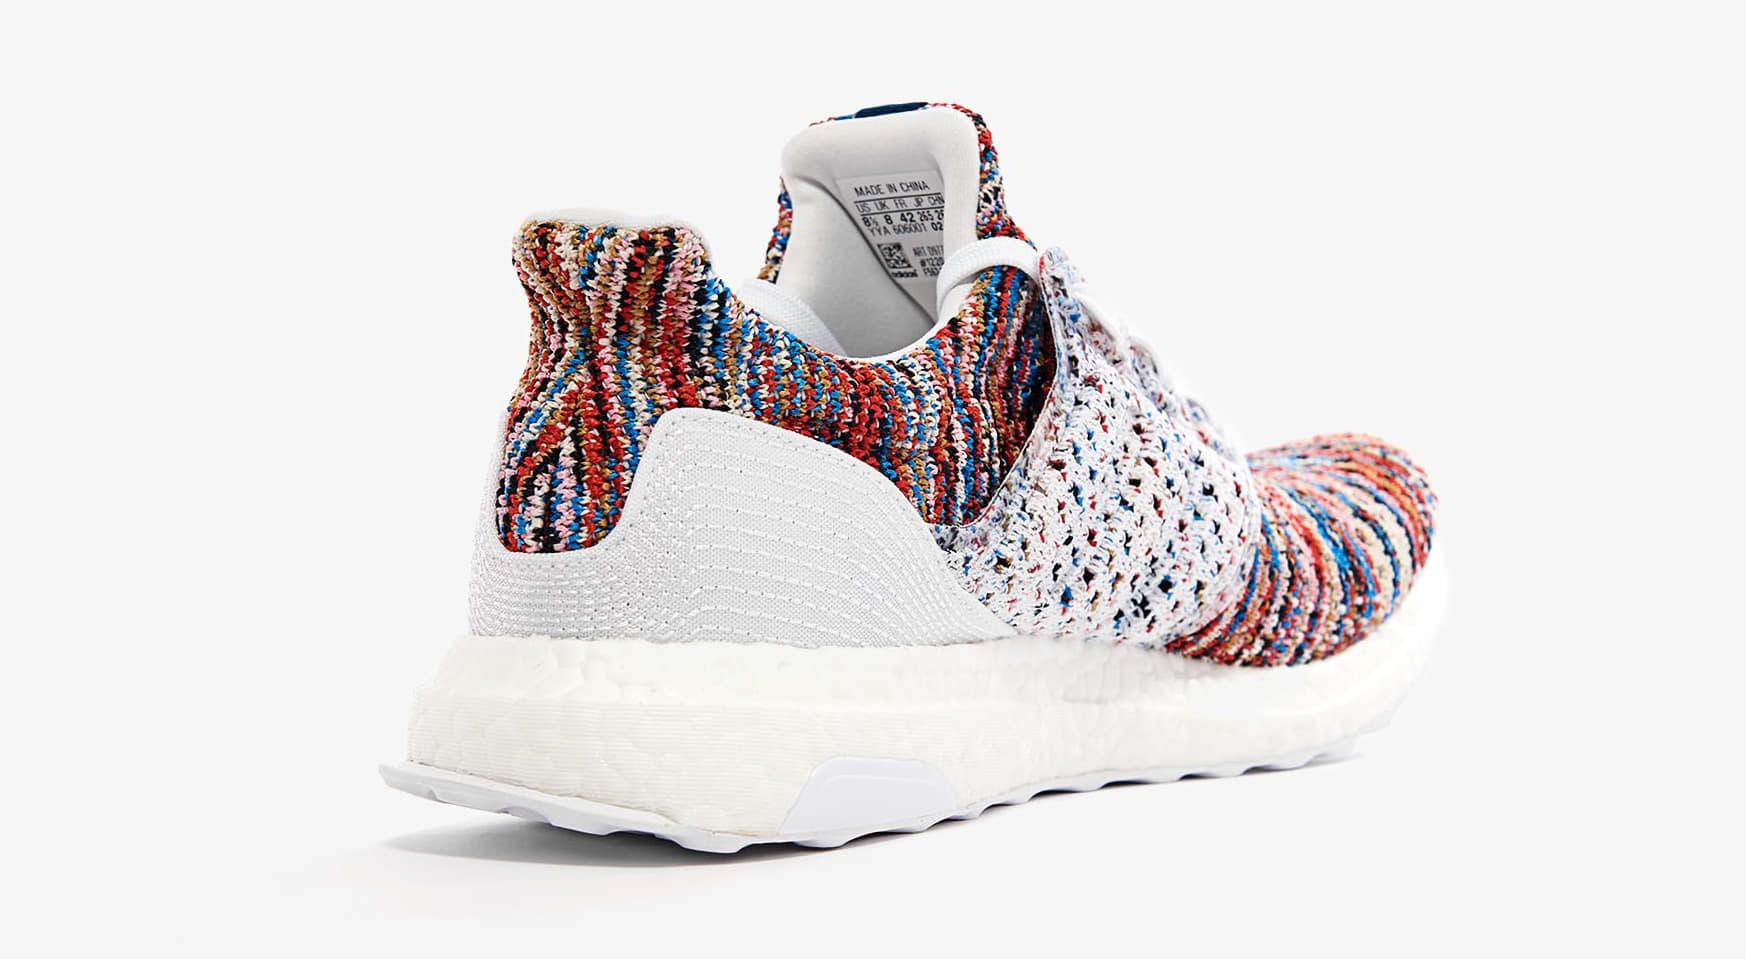 Missoni x Adidas Ultra Boost Clima D97771 (Heel)